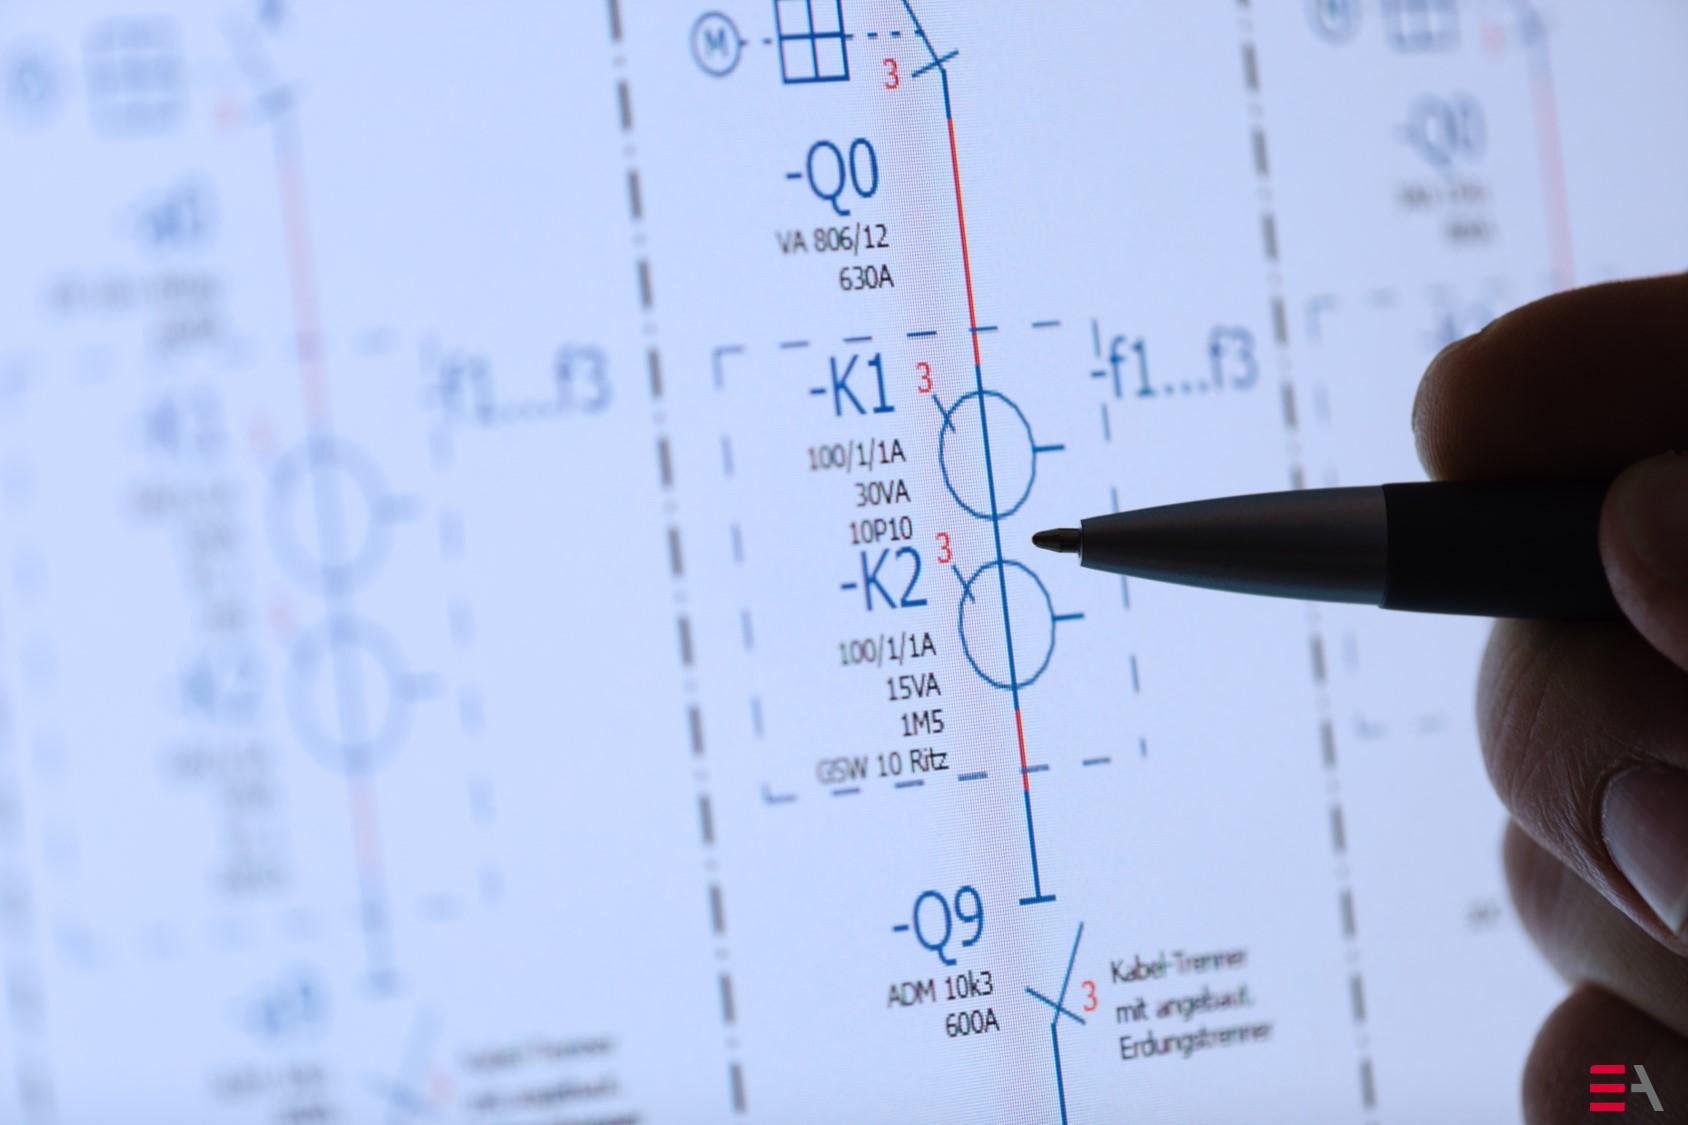 Studien, Projektkoordinierung, Bauleitung, Erstellung von Konzeptionen für die Steuerung von Unter- und Obermaschinerien, Planungsleistungen nach HOAI LP 1 – 9 für Bühnensteuerungen für Unter- und Obermaschinerien inkl. E-Technik